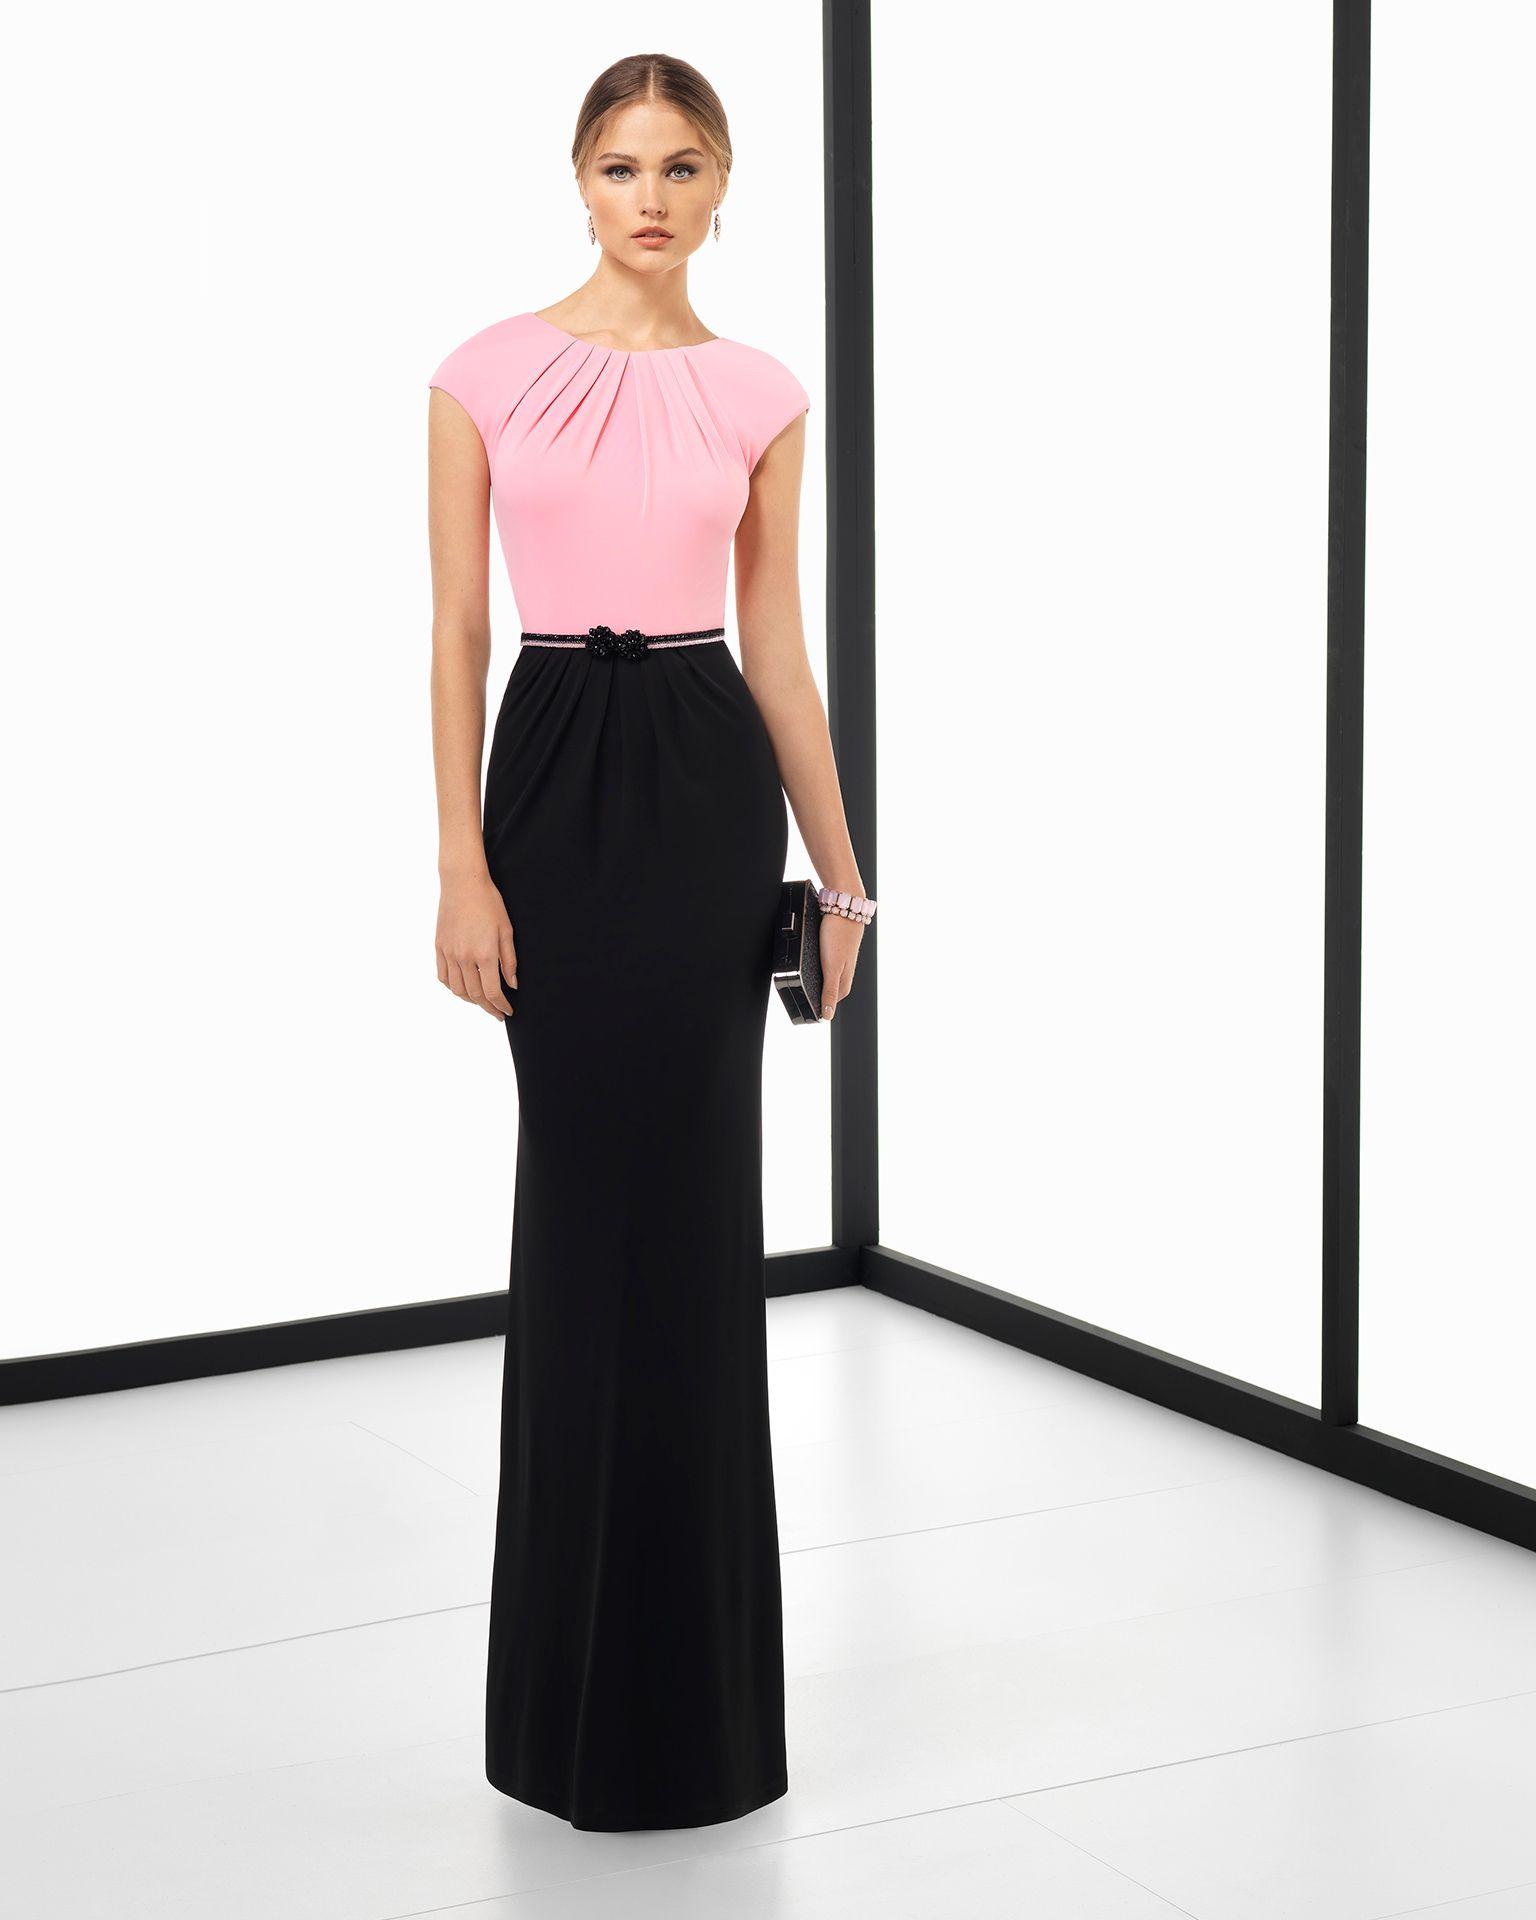 Vestidos de fiesta de rosa clara baratos